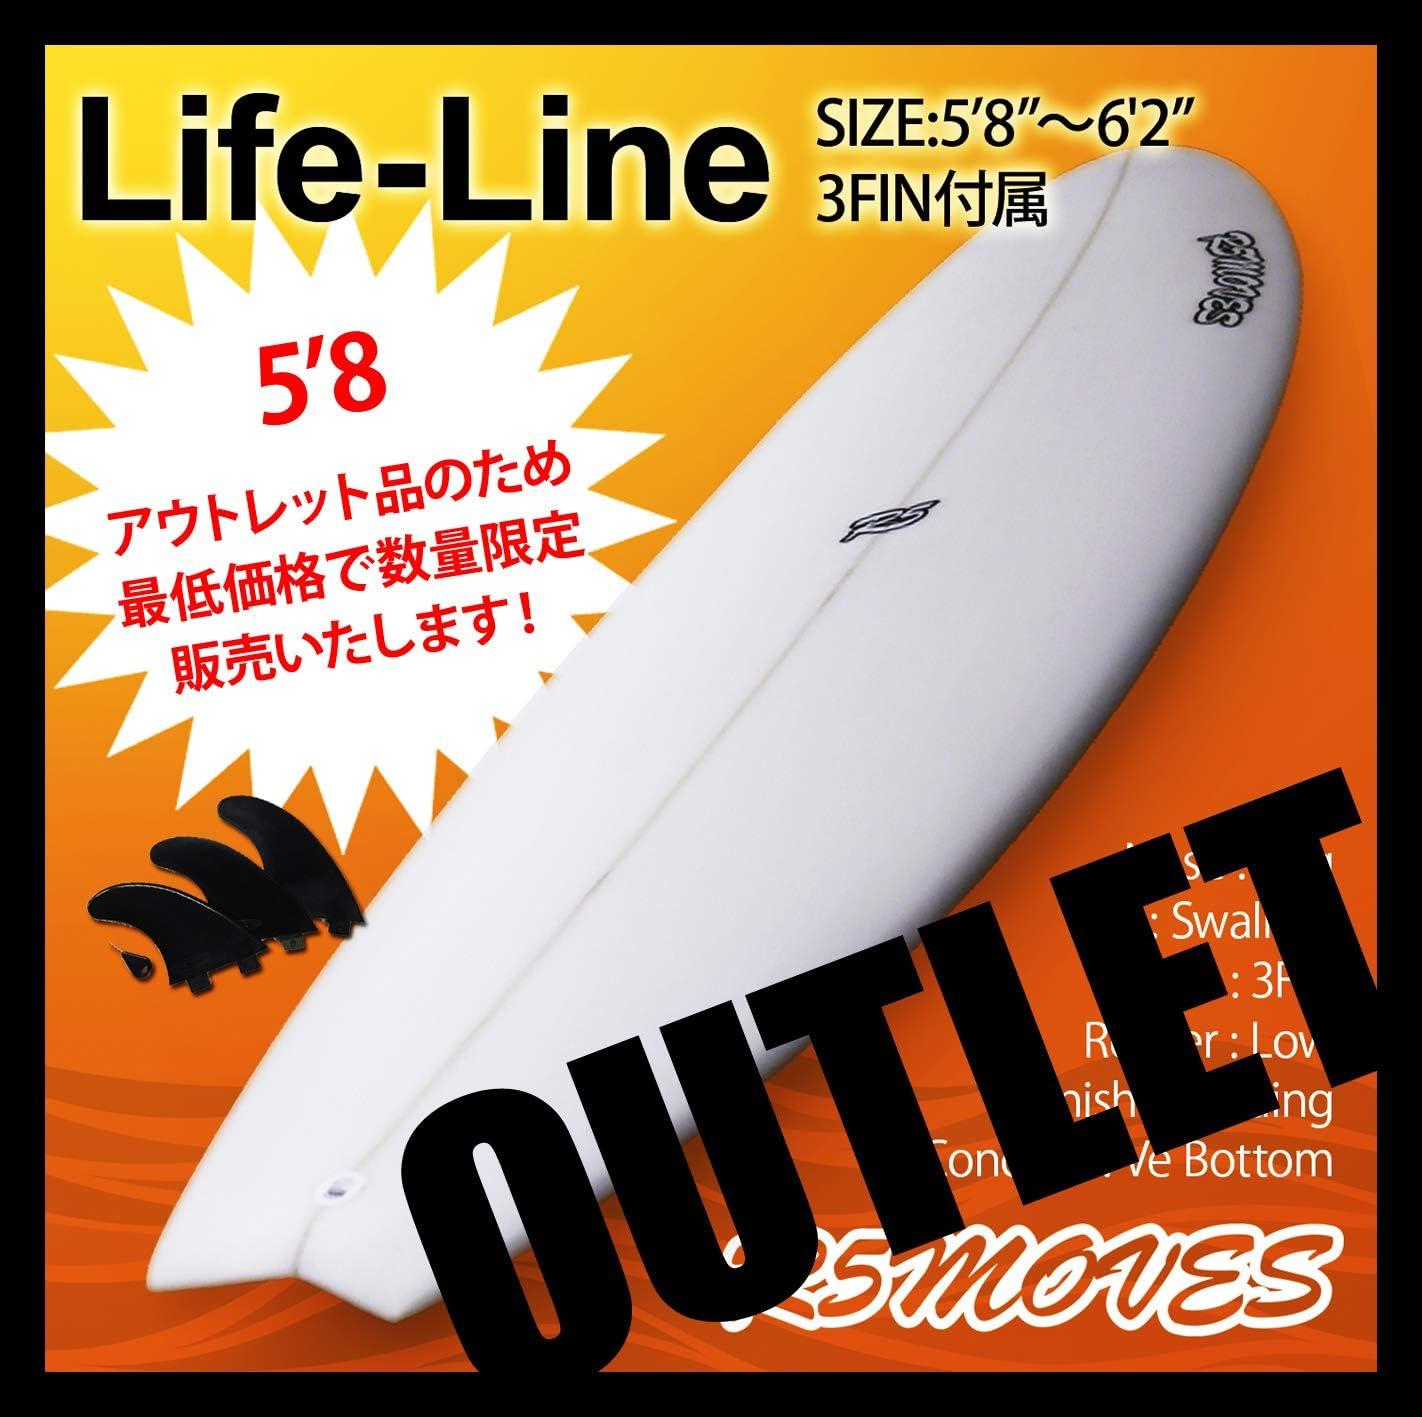 アウトレット サーフボード ショートボード R5MOVES Life-Line 5'8